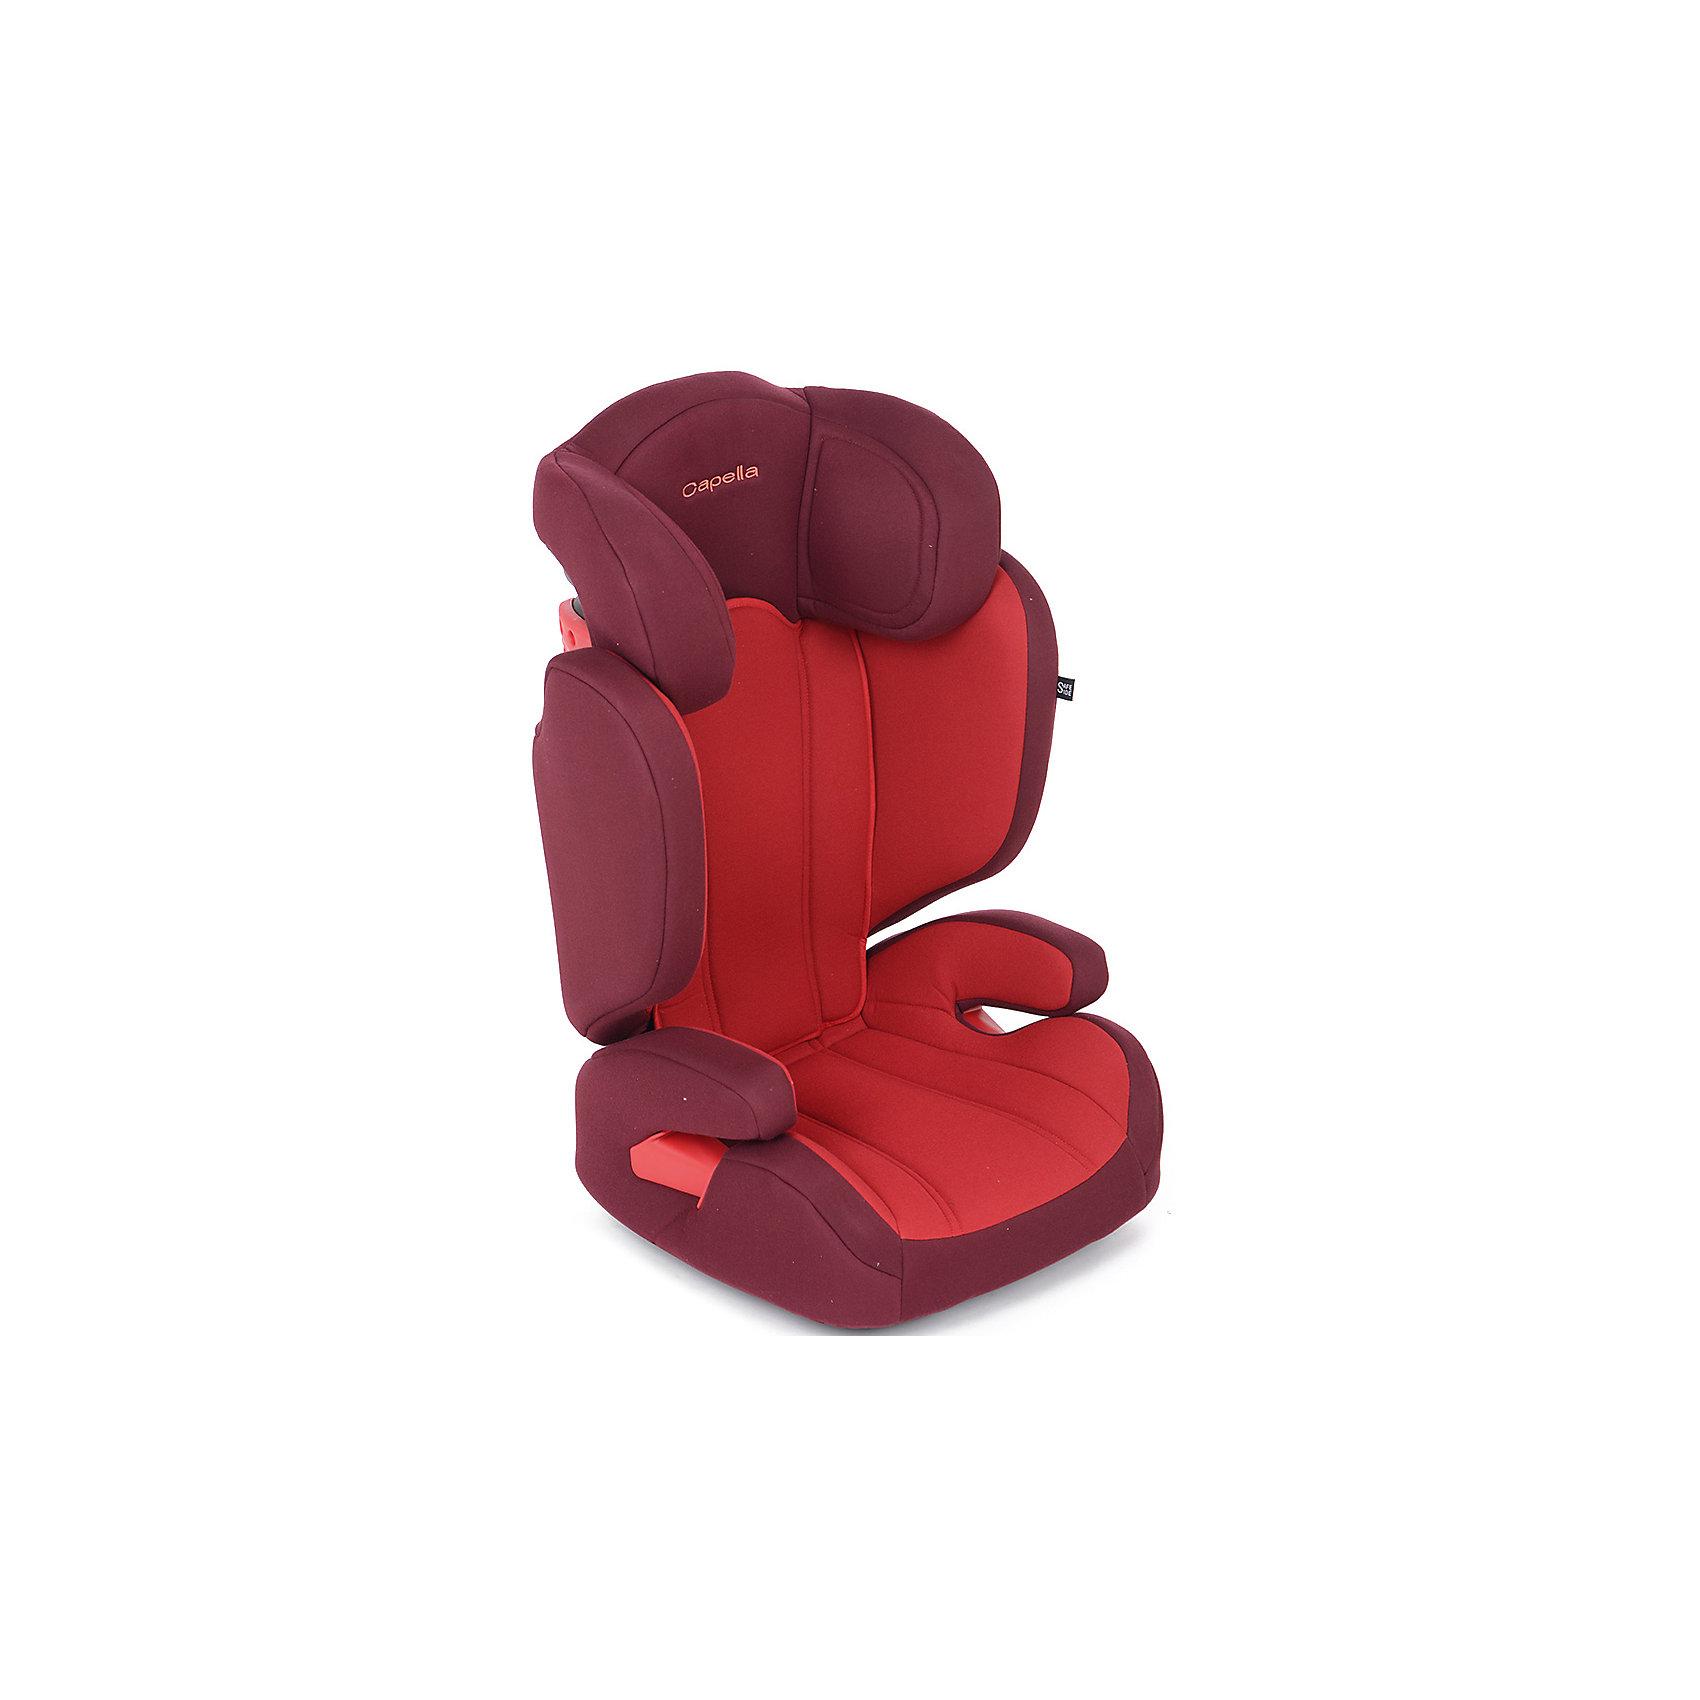 автокресло-15-36-кг-capella-chili-pepper-красный-малиновый